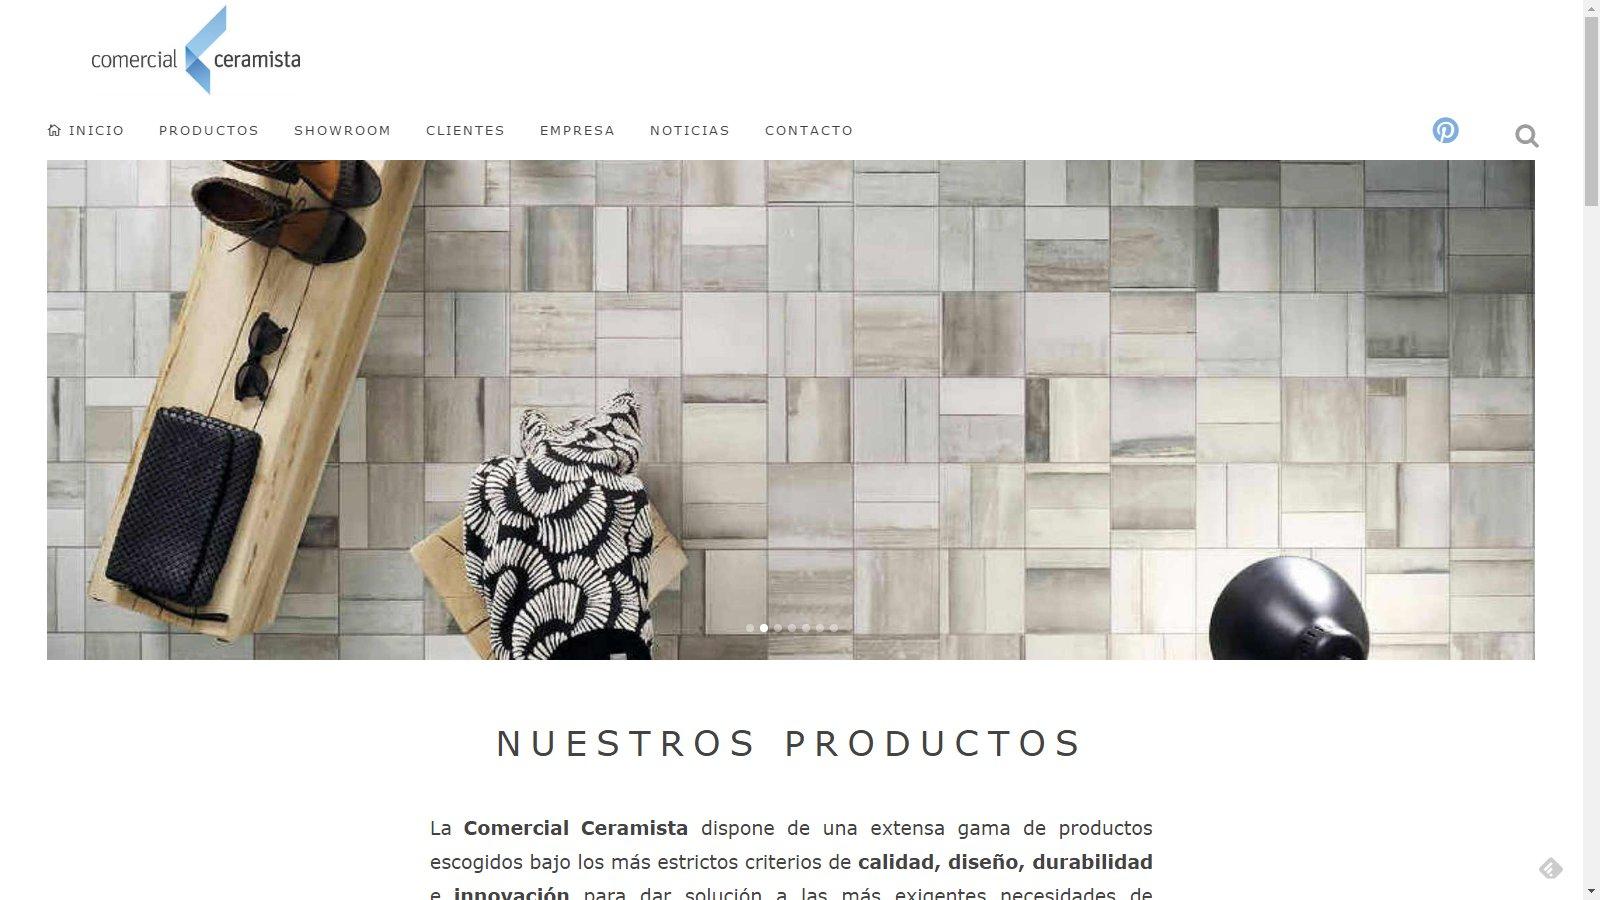 web corporativa per crear marca i atreure clients